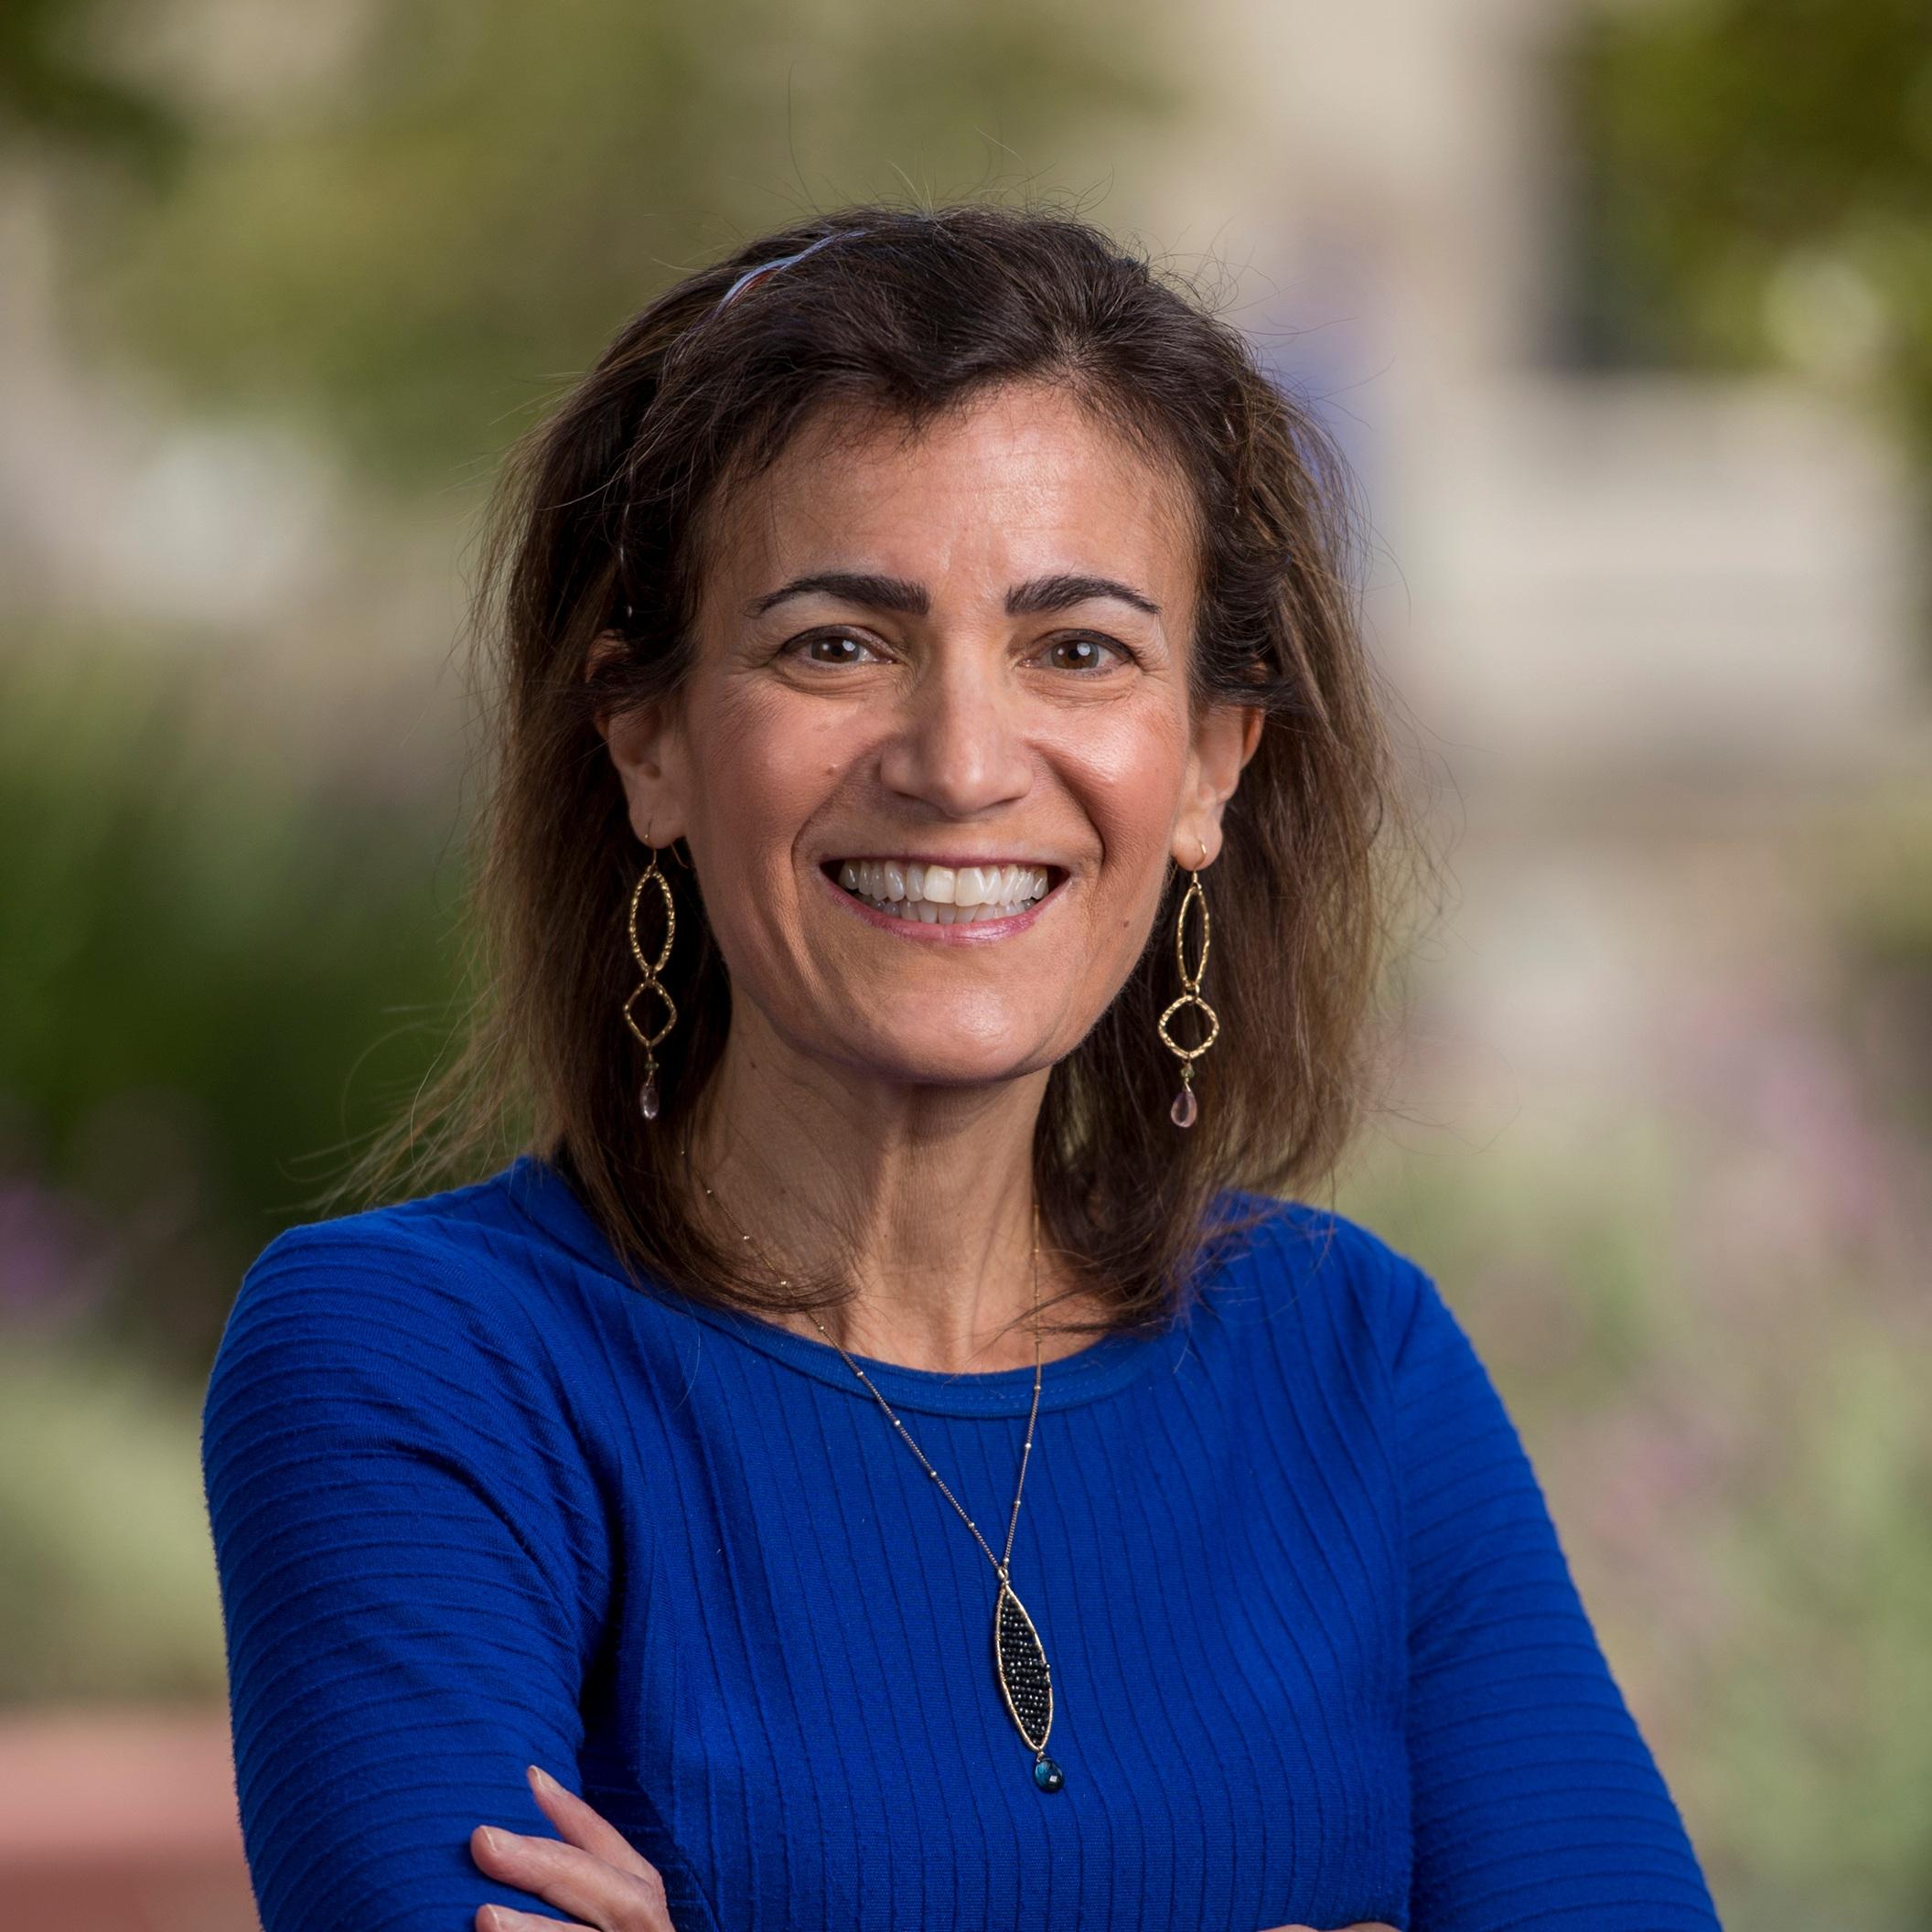 Dr. Susan Conolly, PAMF